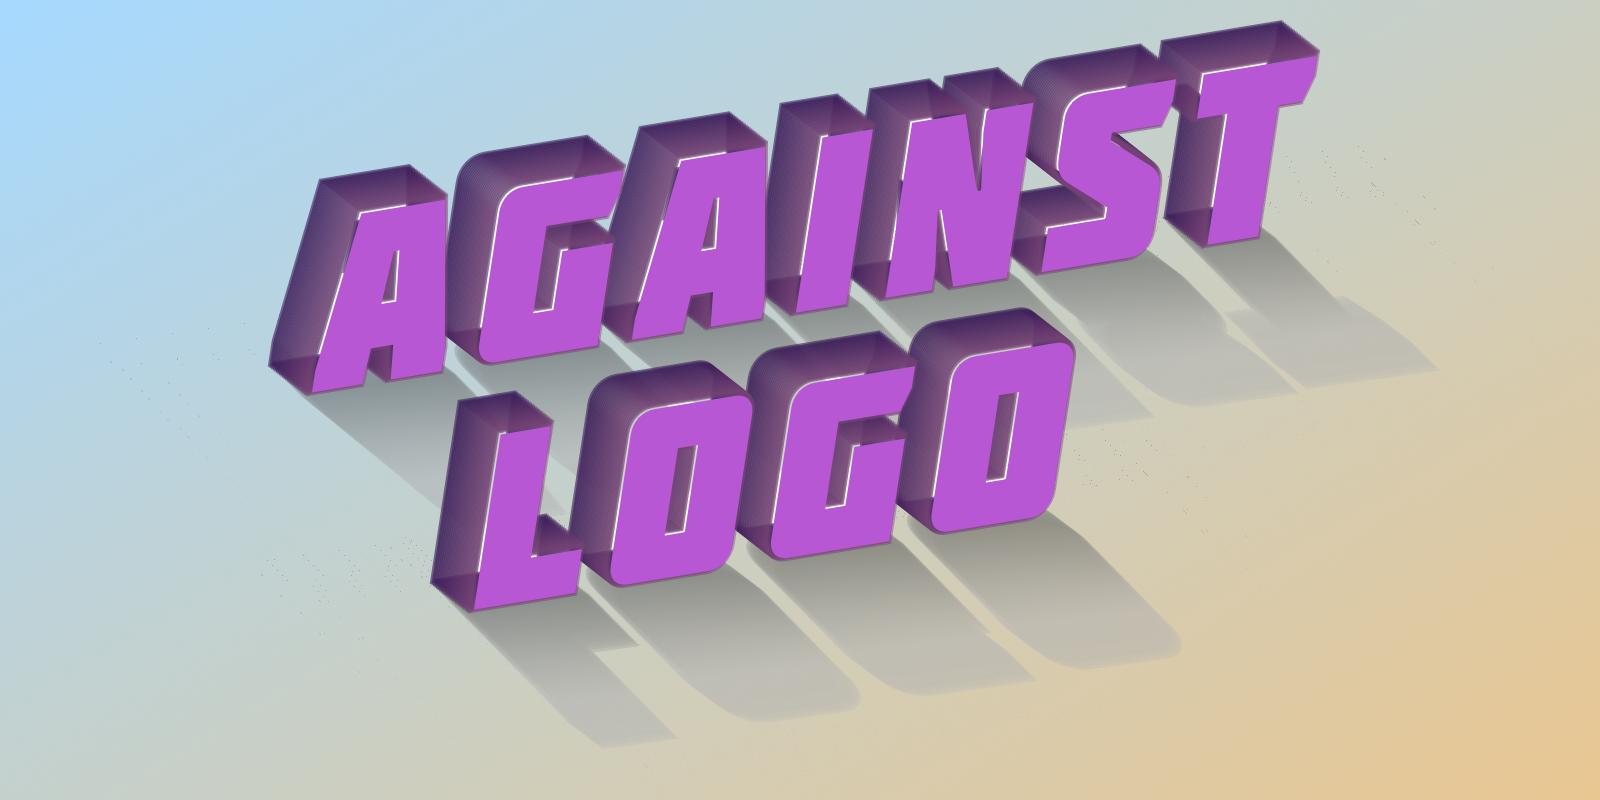 3D text logo maker online generator в 2020